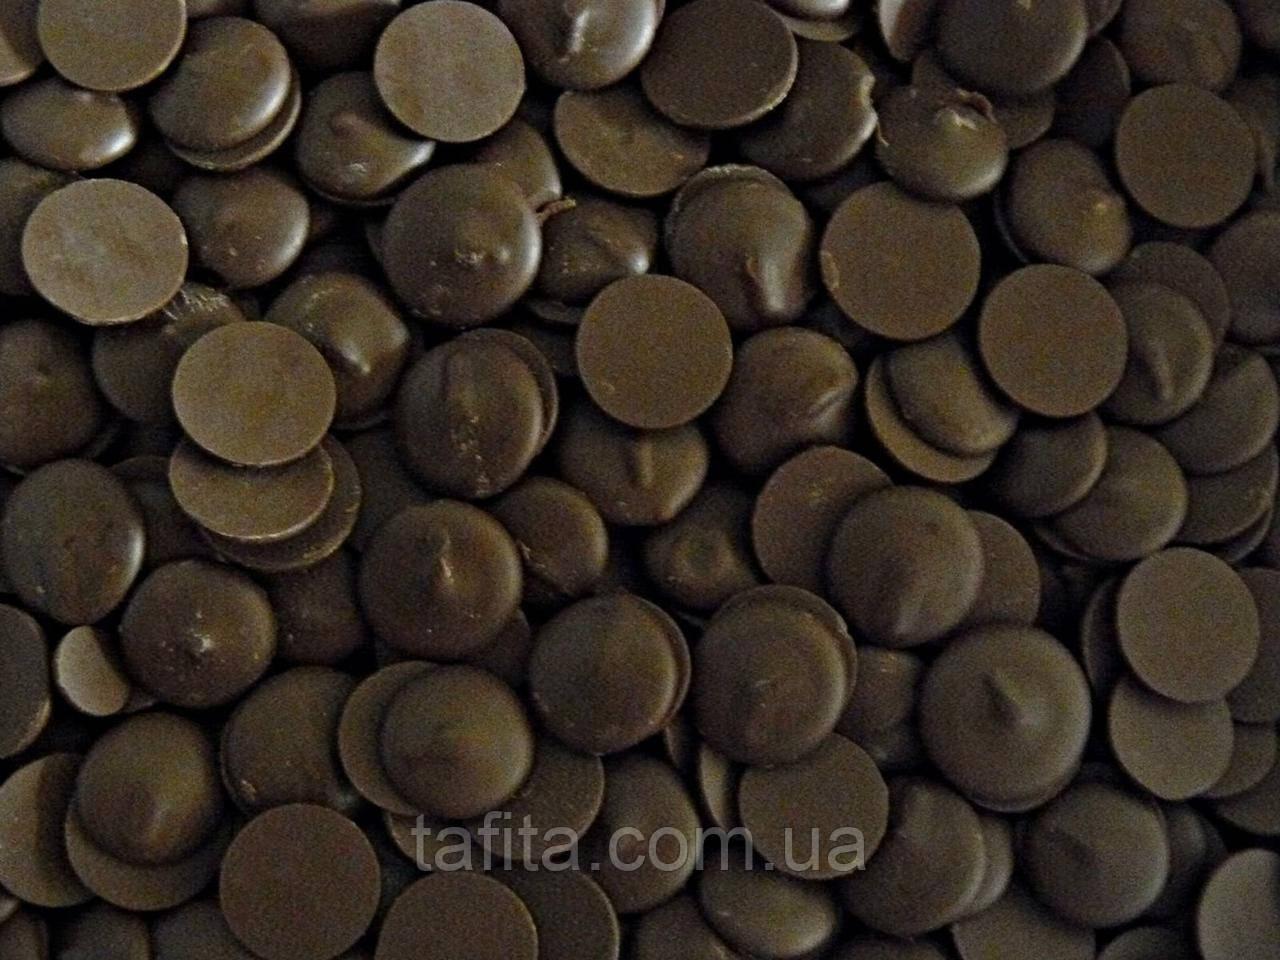 Чёрный шоколад 56% Natra Cacao